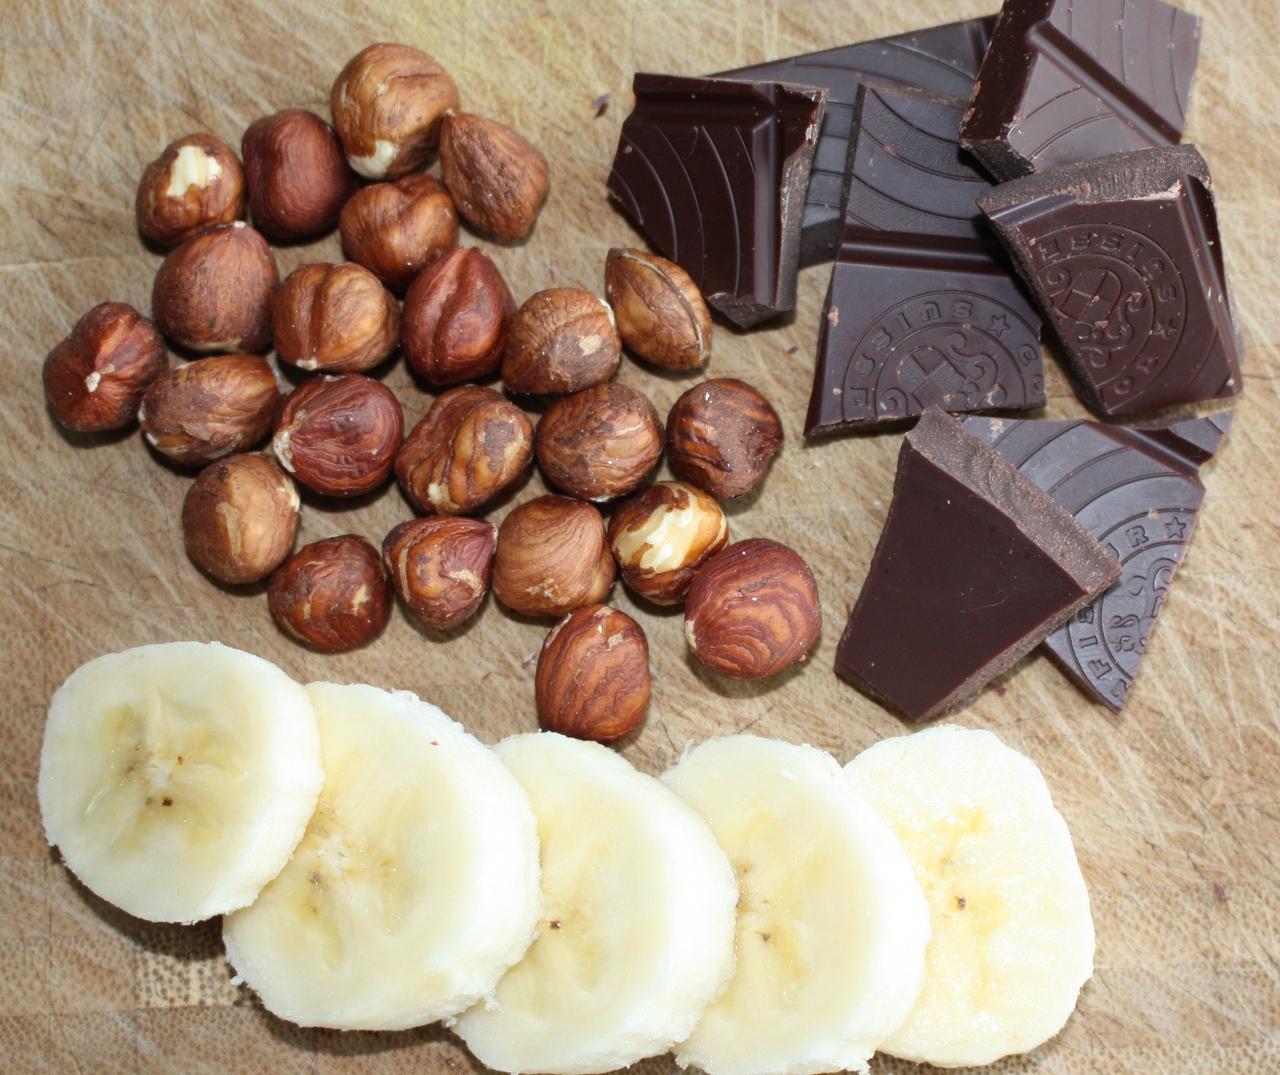 Dunkle Schokolade und Haselnüsse verleihen dem Bananenquark ein intensives Nuss-Nougat-Aroma.